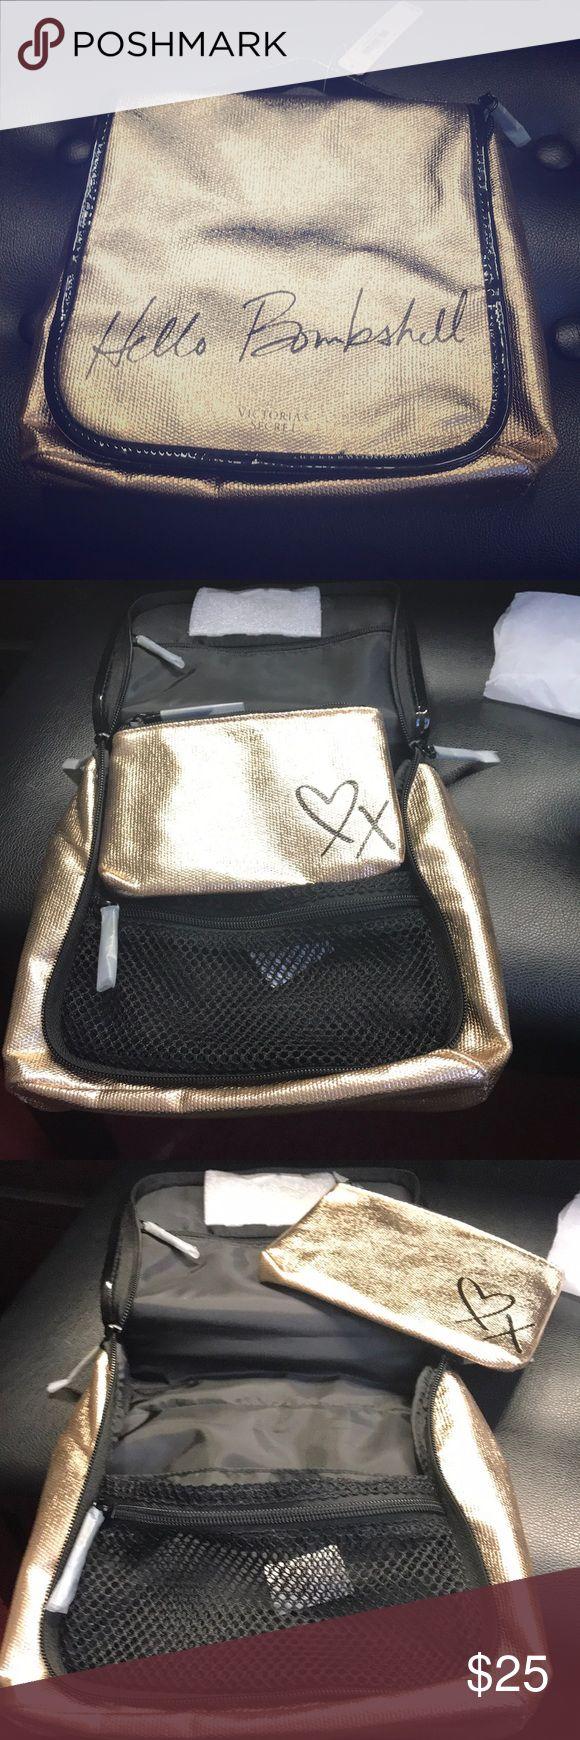 Victoria Secret Makeup Bag Brand new comes with a smaller bag Victoria's Sec…